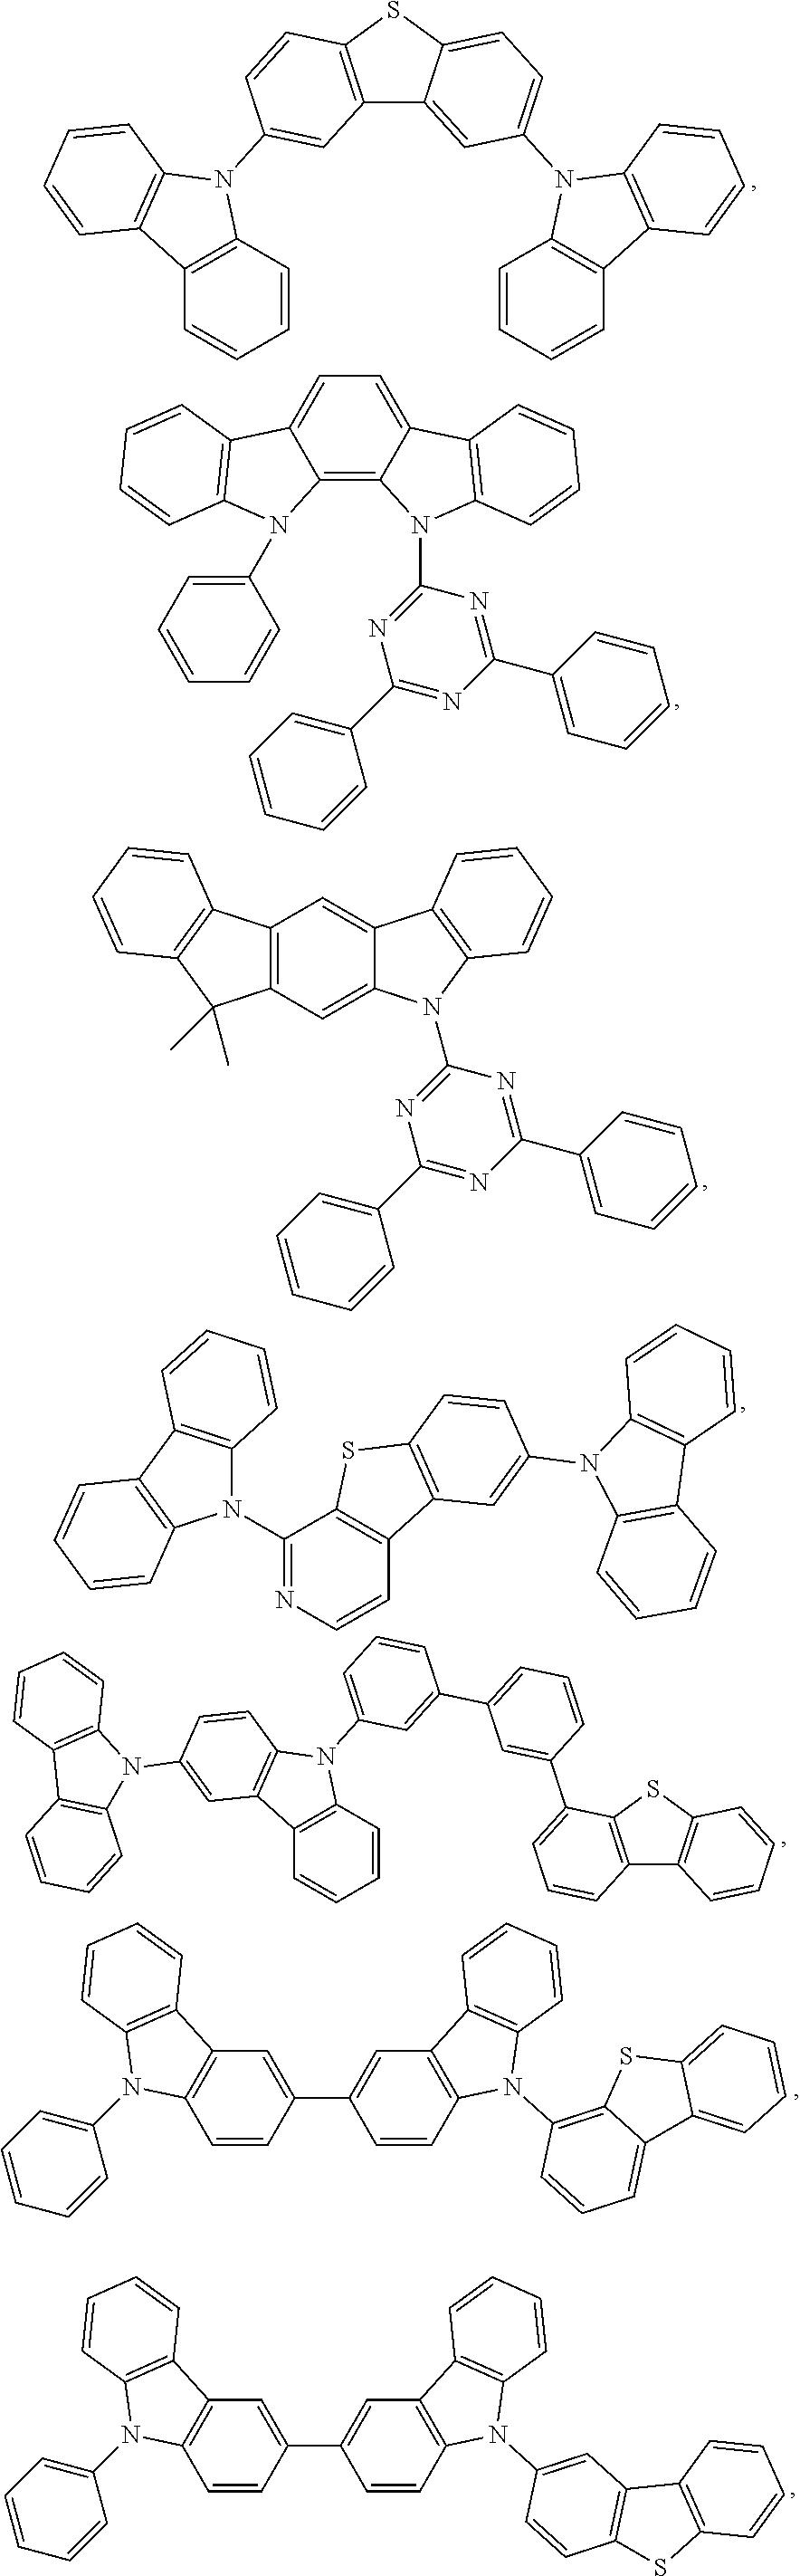 Figure US20180130962A1-20180510-C00137